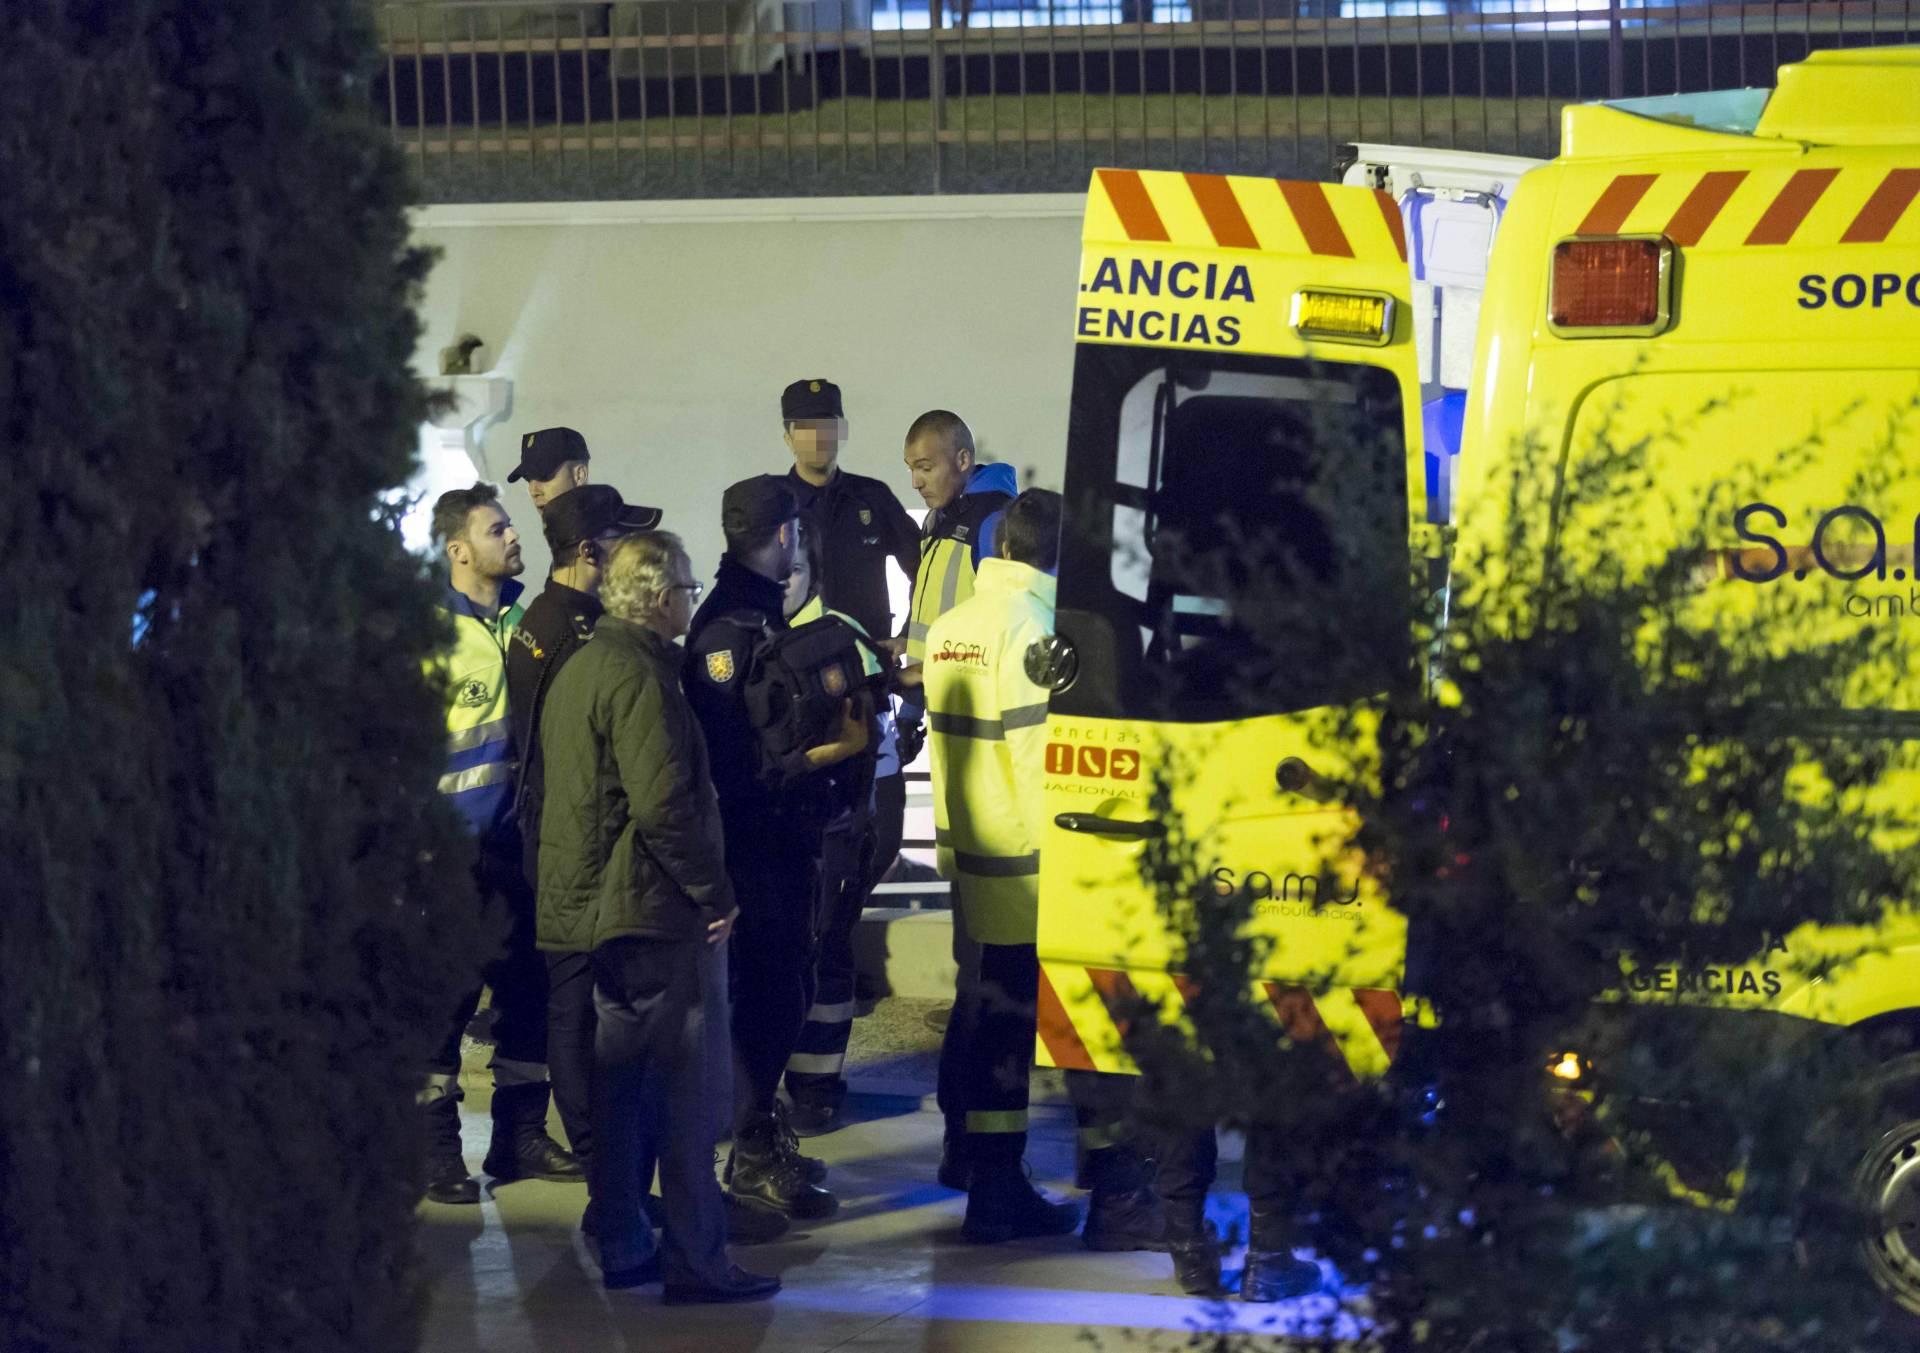 Los servicios sanitarios atienden a los agentes heridos tras la fuga en el CIE de Sangonera la Verde.